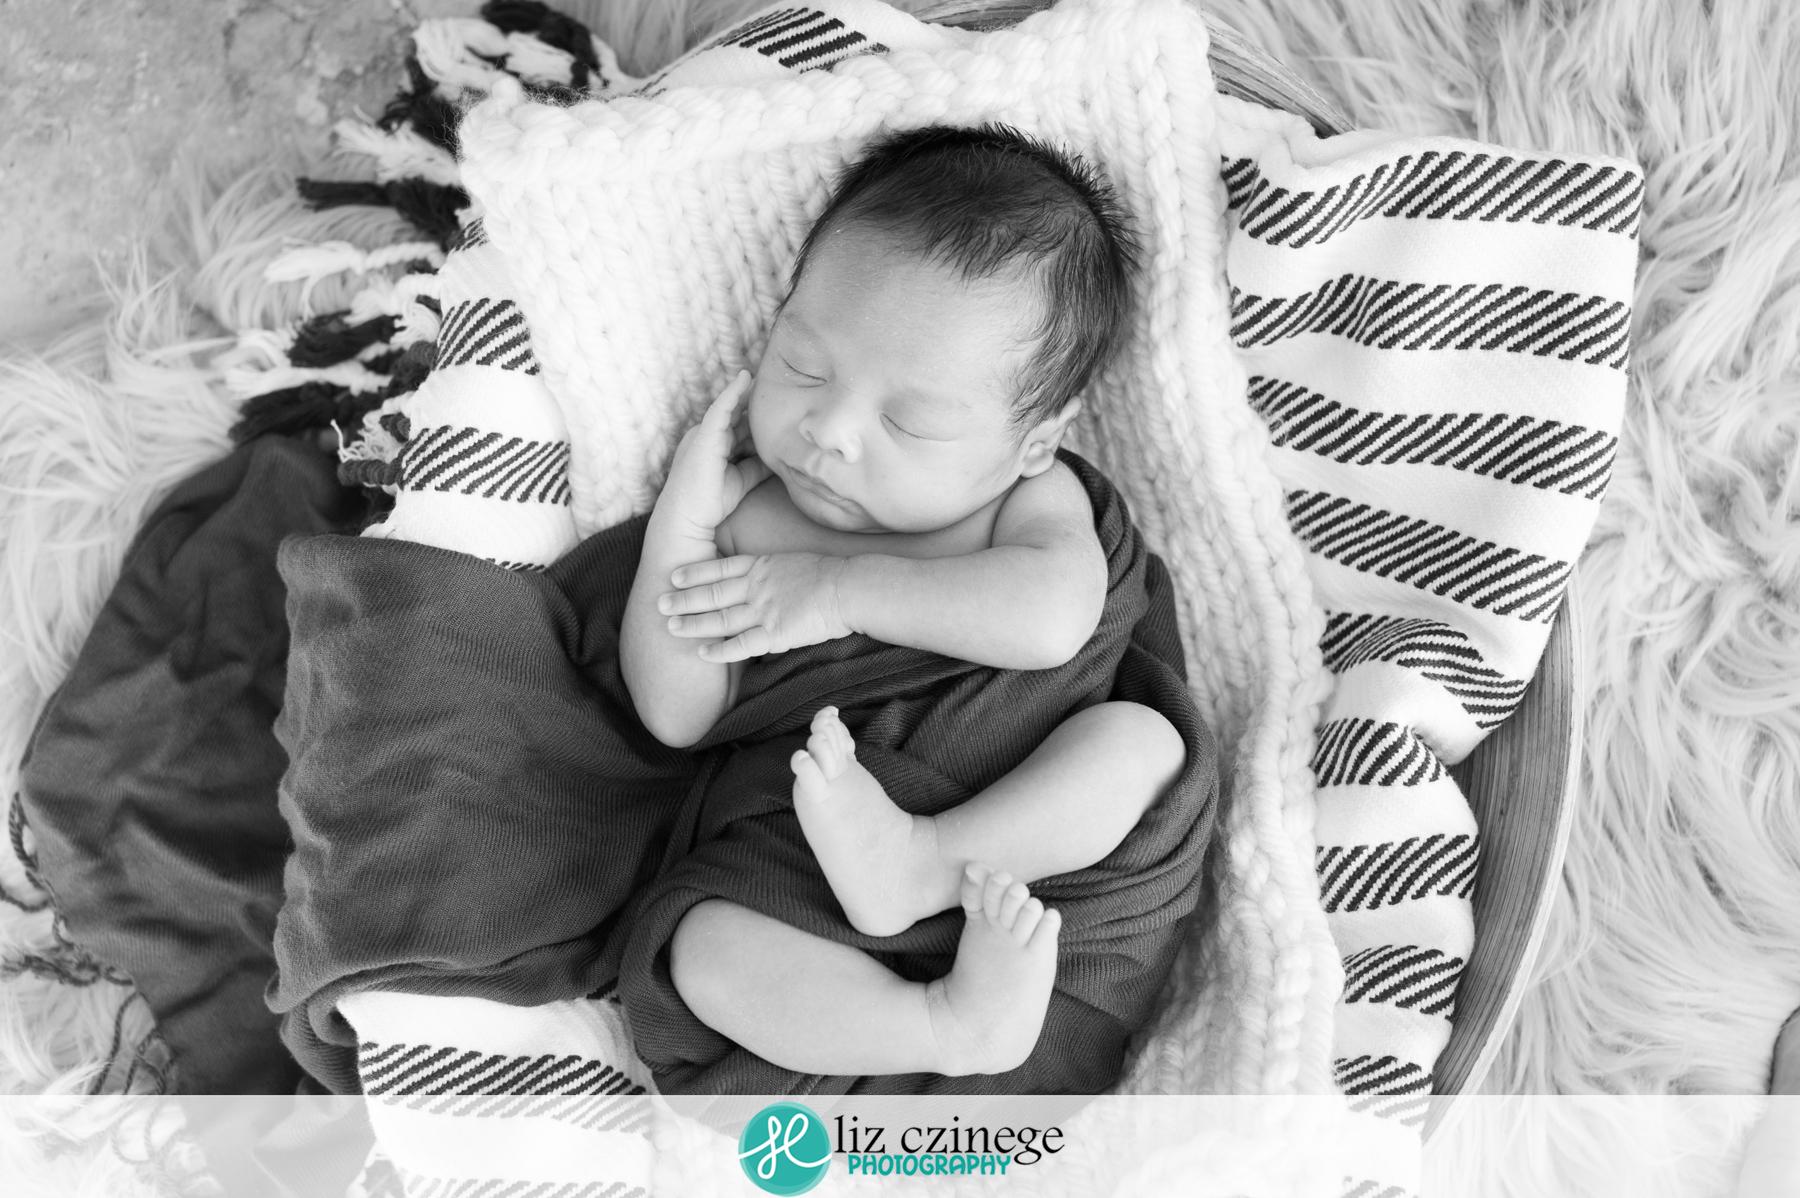 liz_czinege_niagara_grimsby_newborn_photographer07